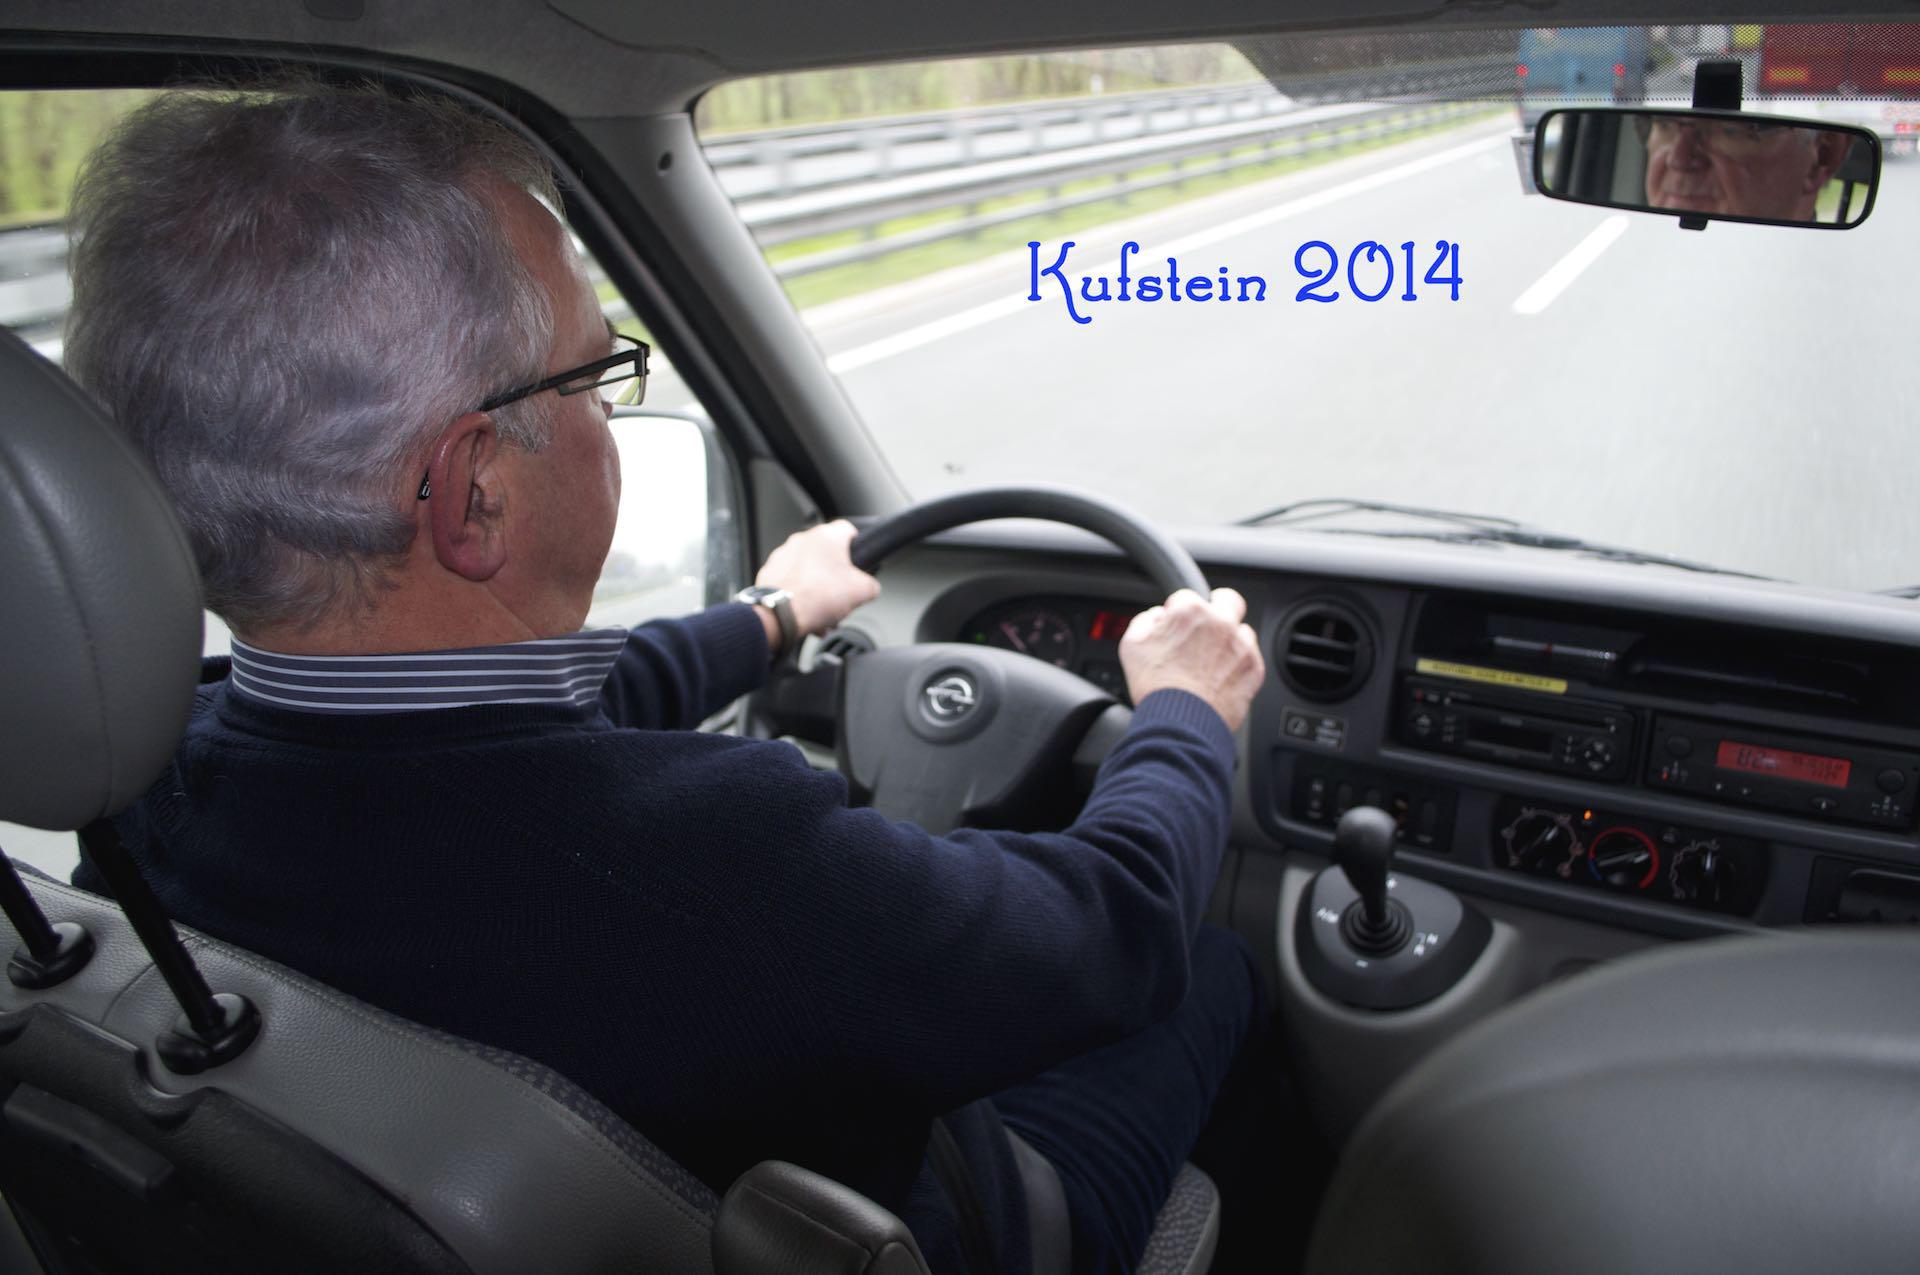 Kufstein 2014